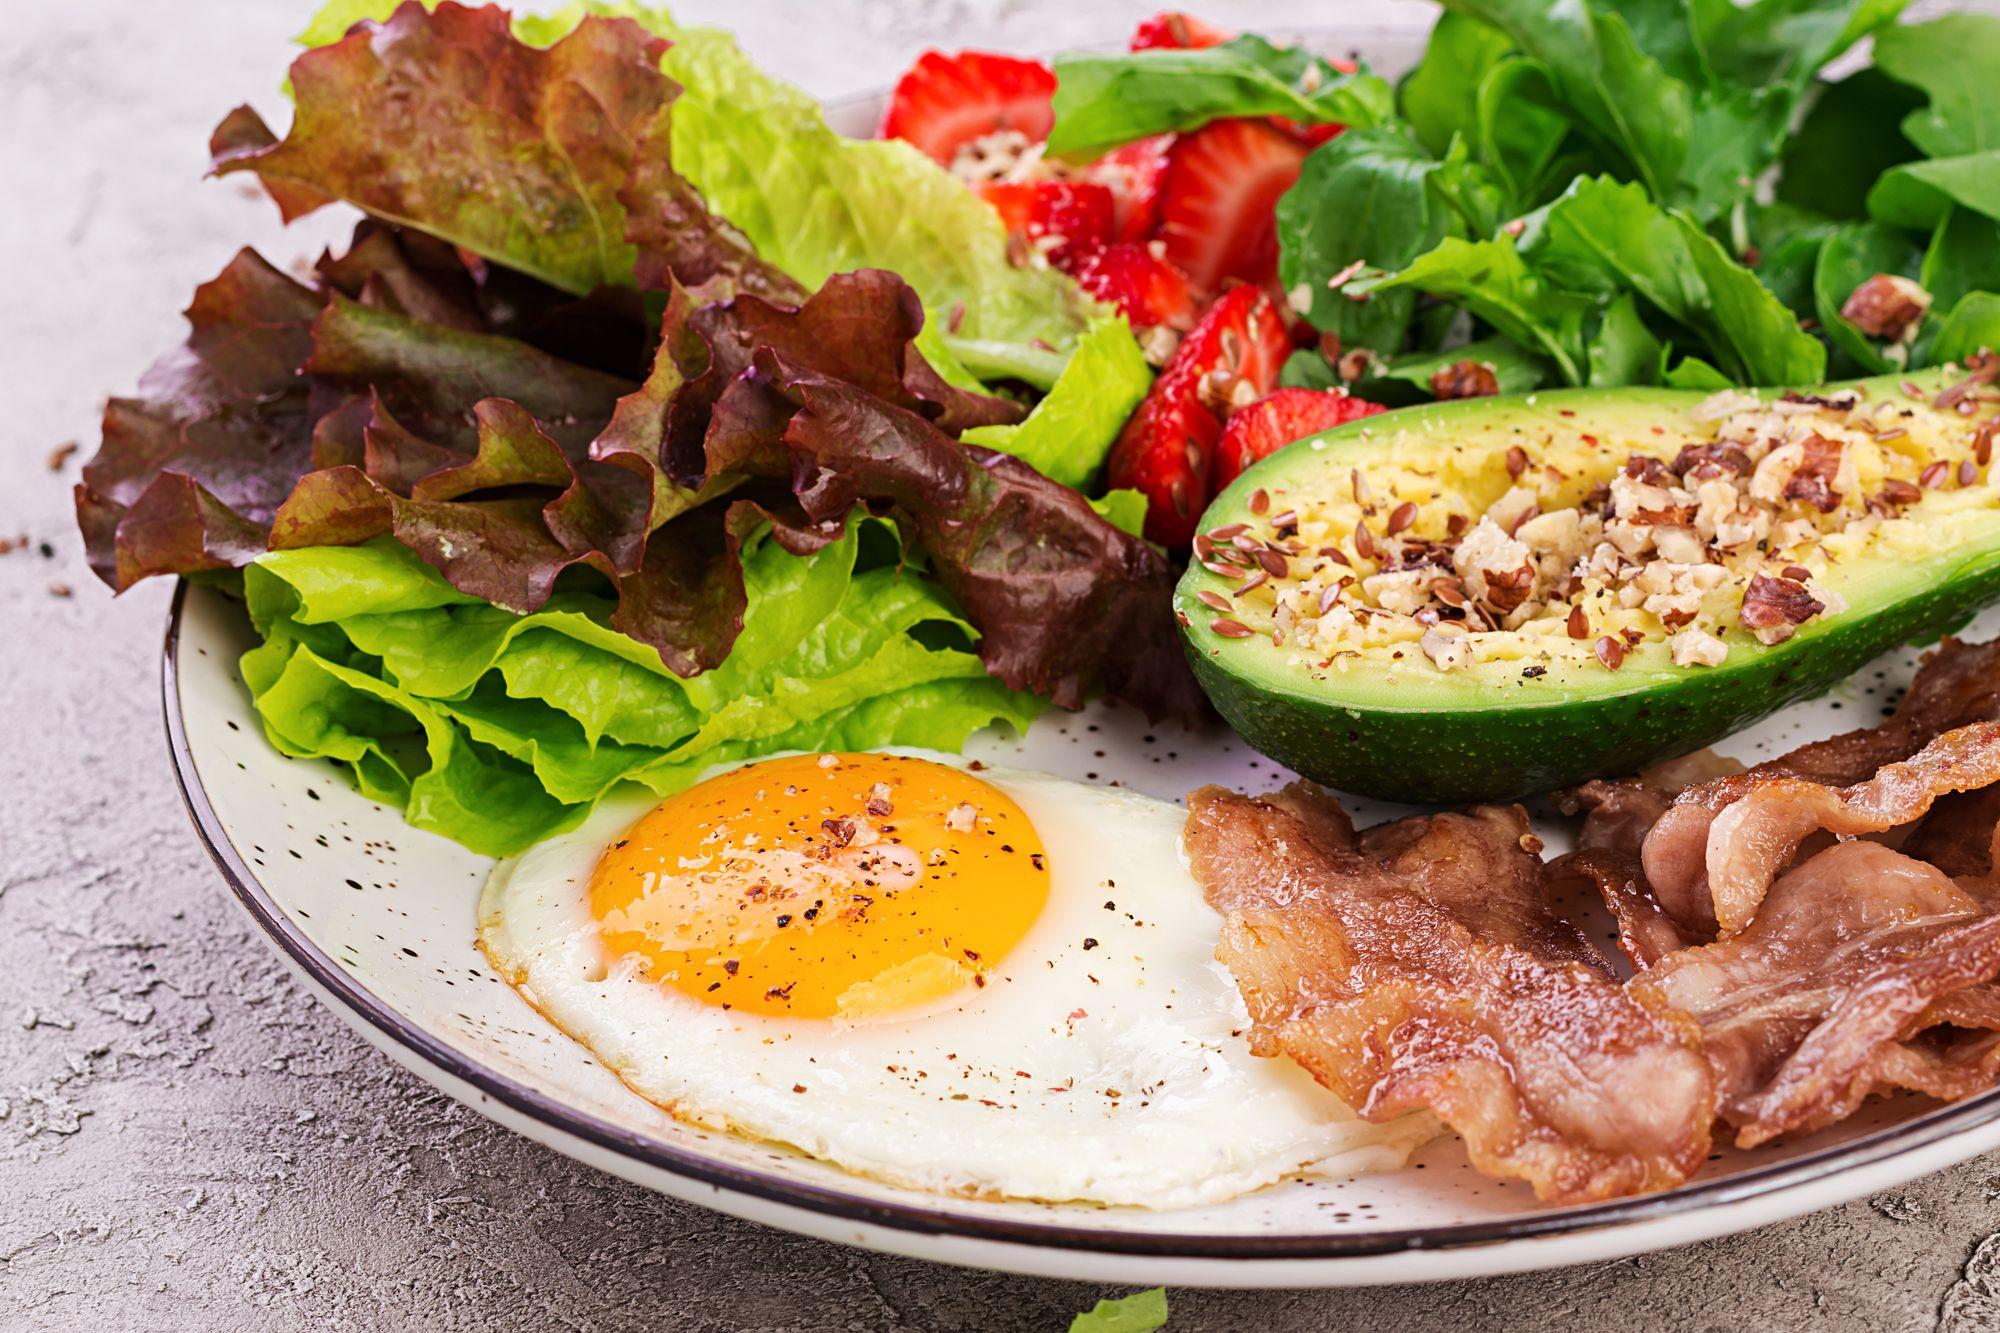 Prato rico em alimentos permitidos na dieta cetogênica. (Reprodução/Freepik)